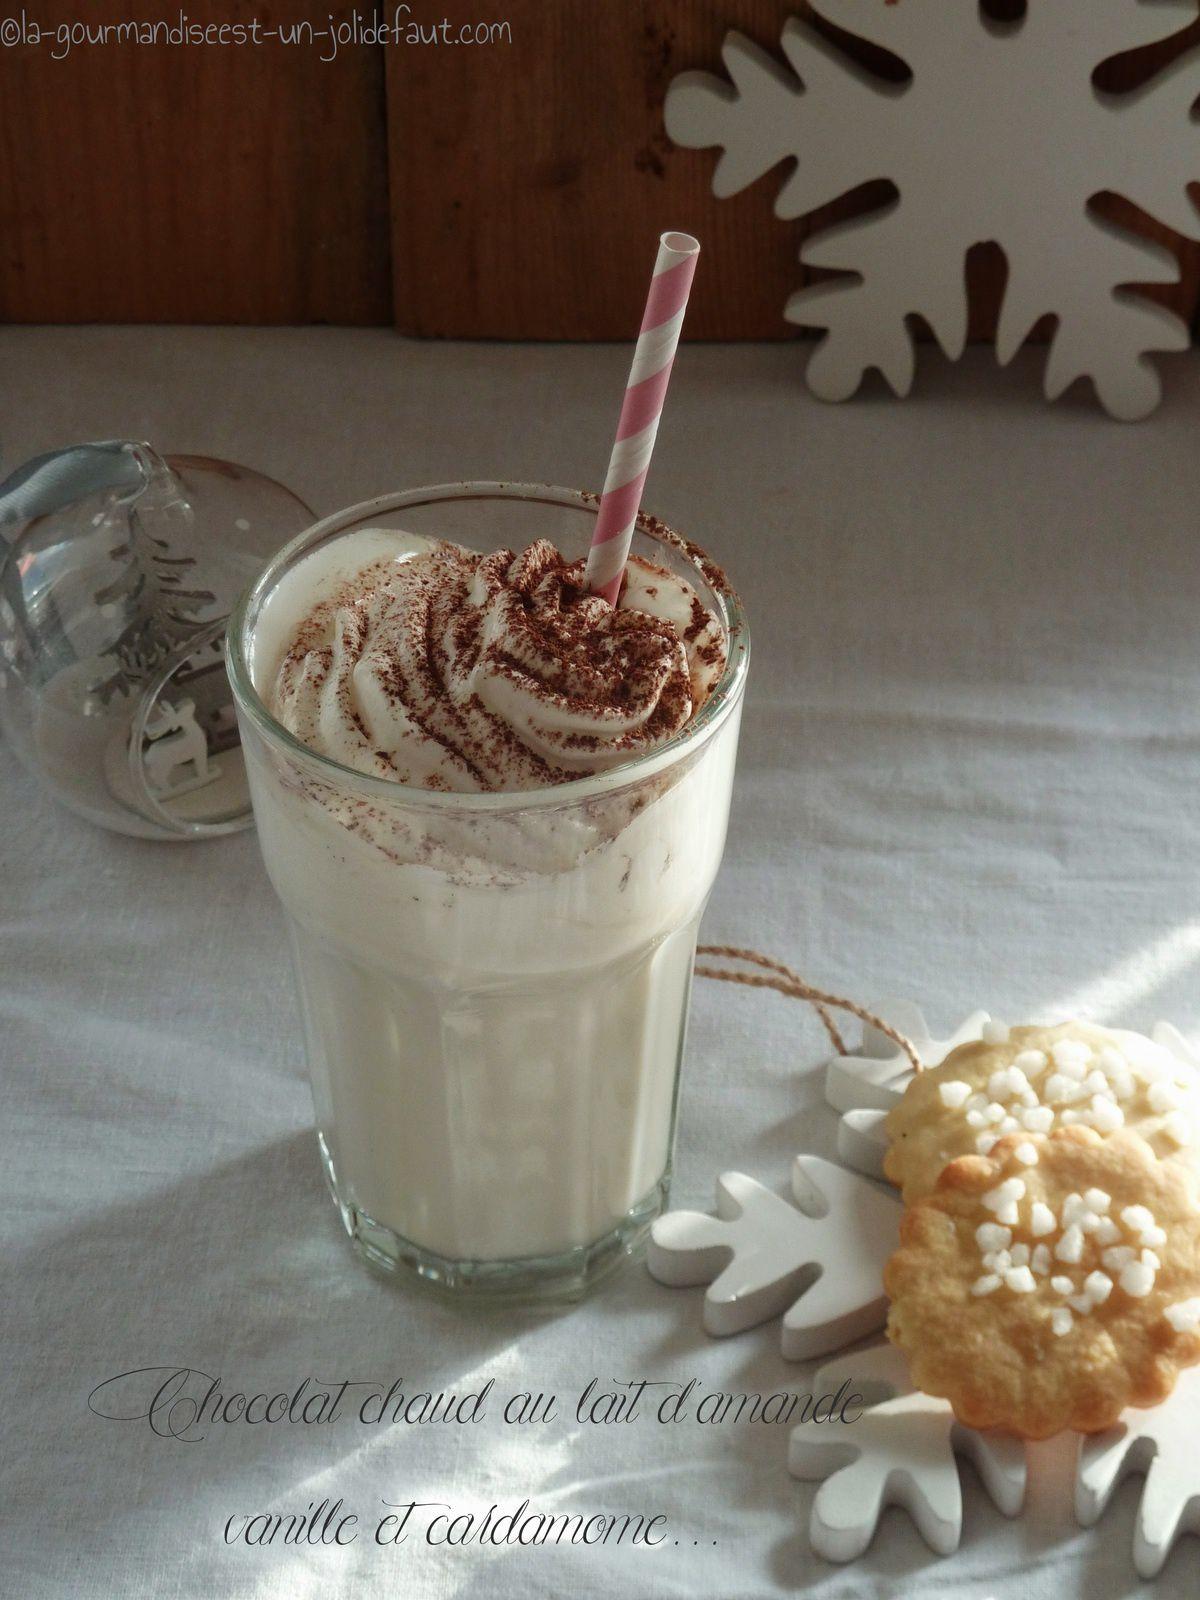 Chocolat chaud au lait d'amande, vanille et cardamome